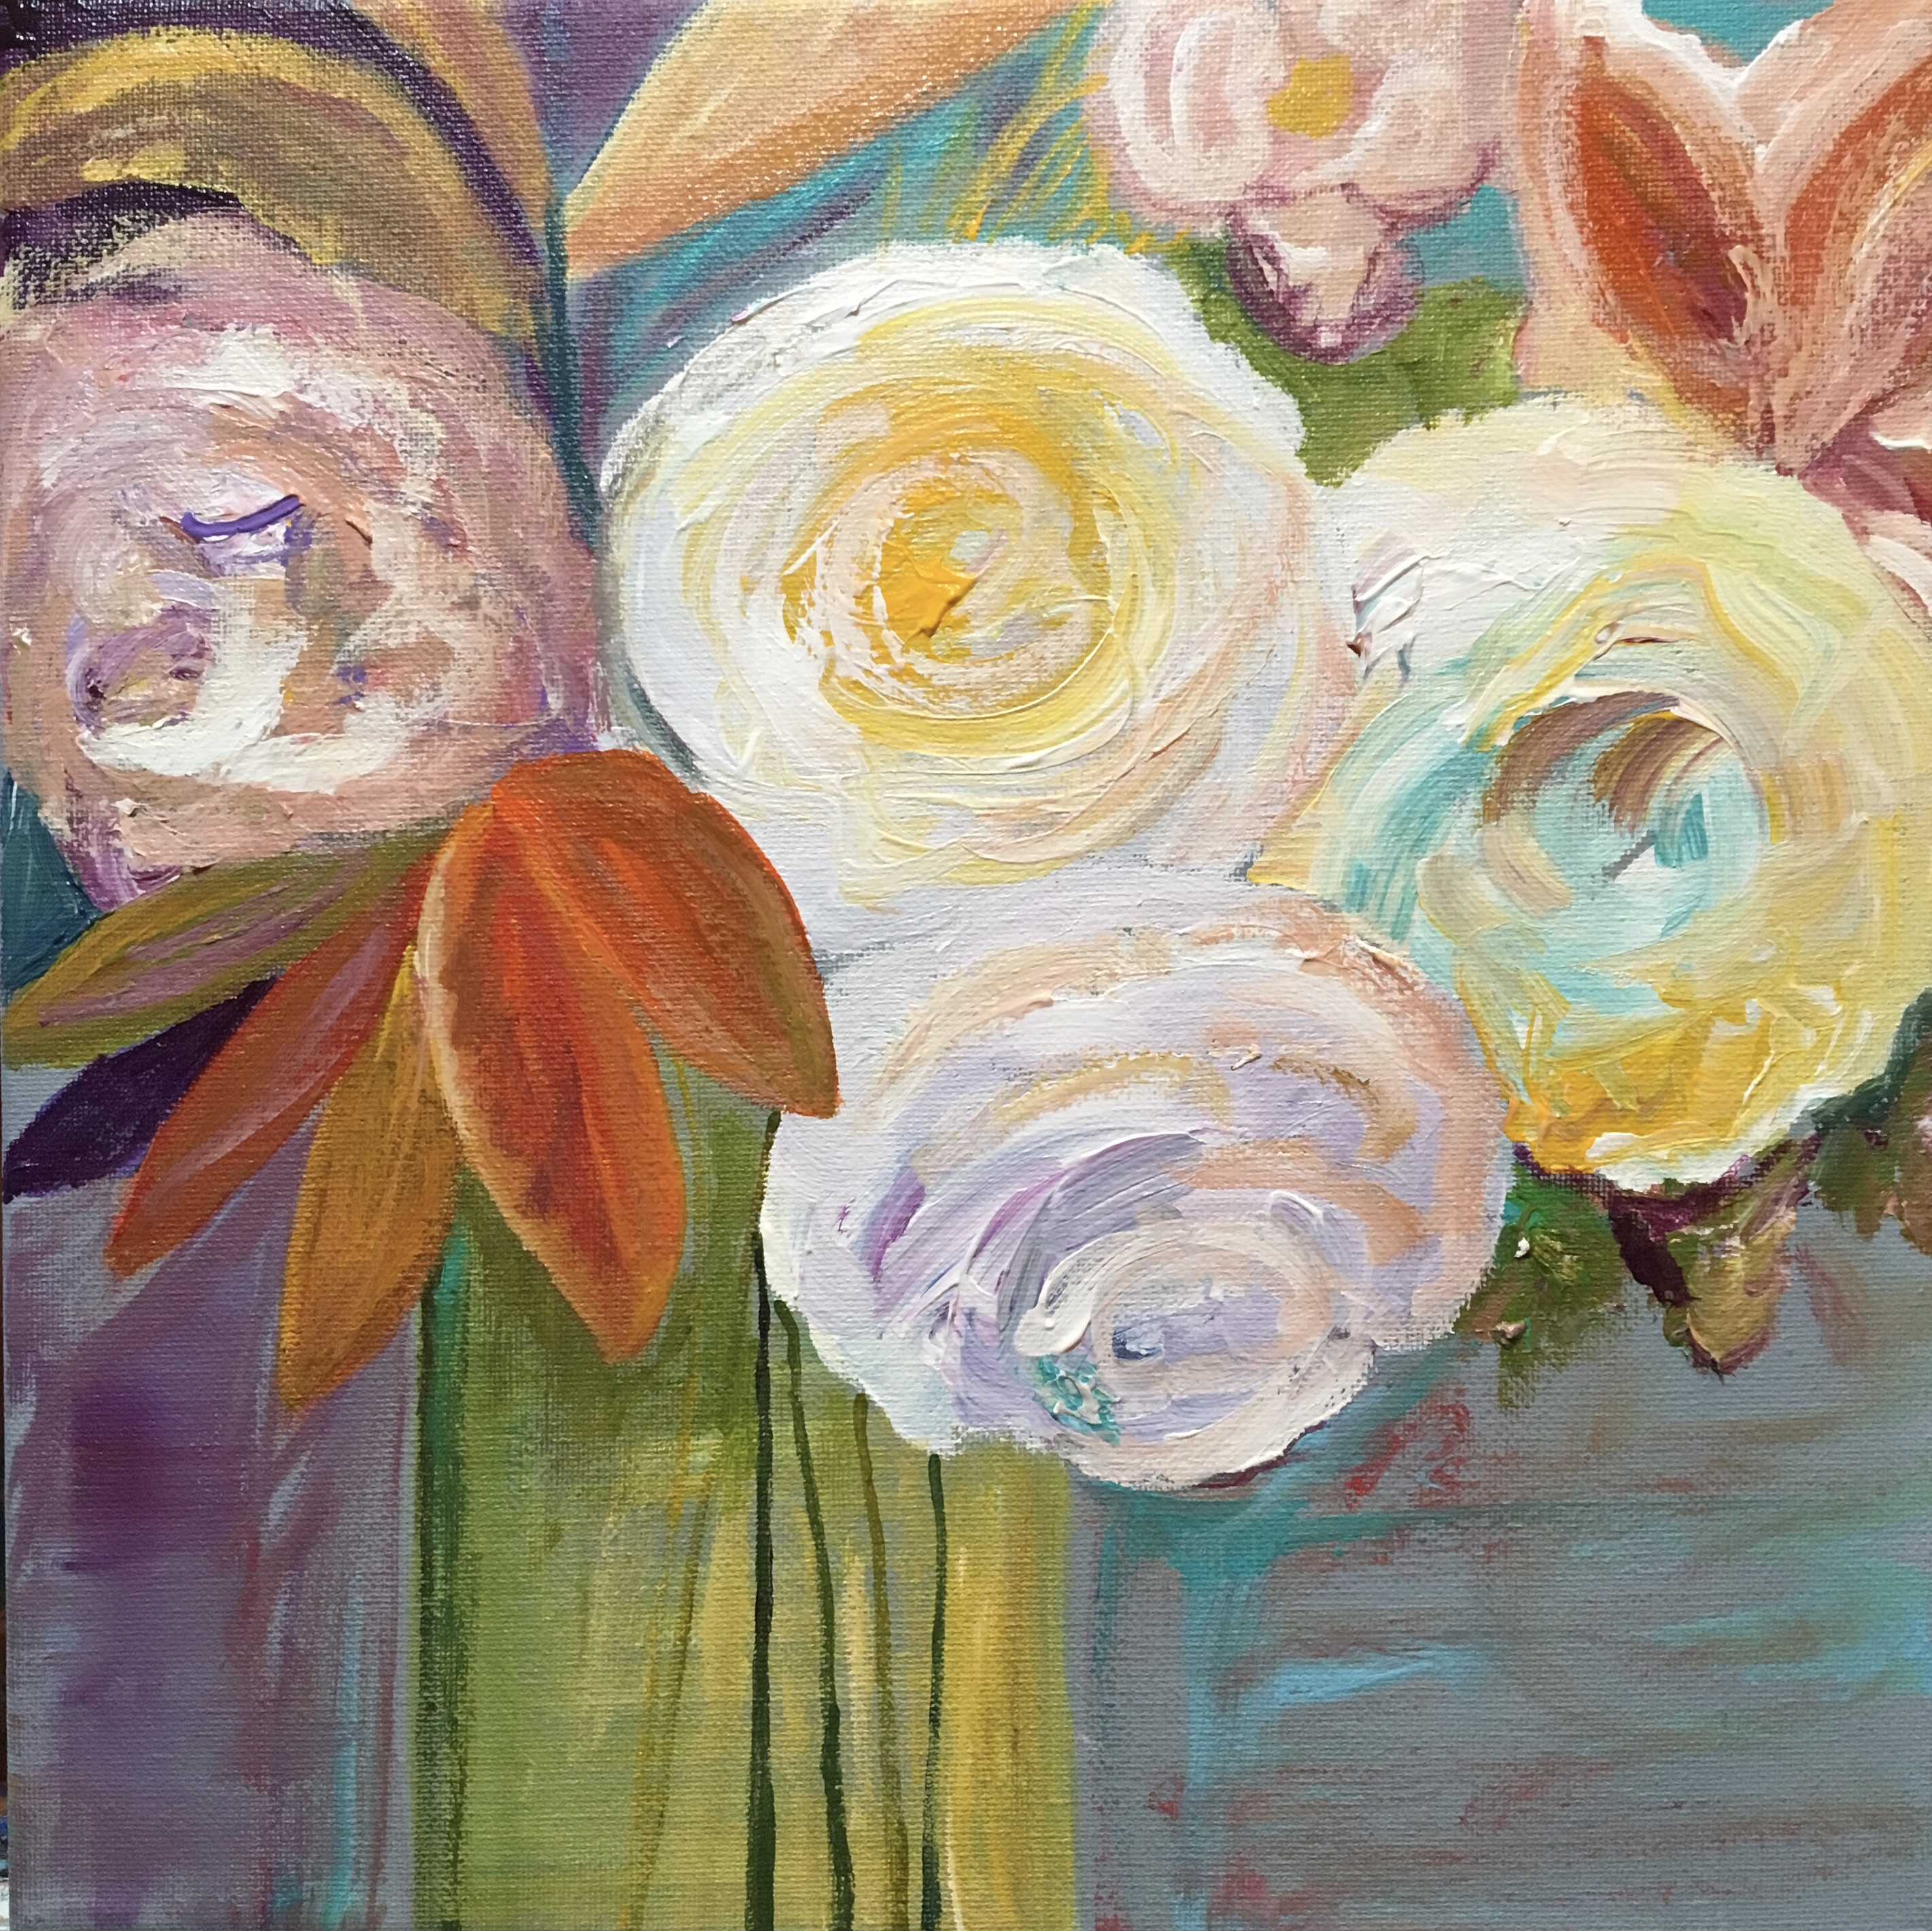 Flower Vase #2